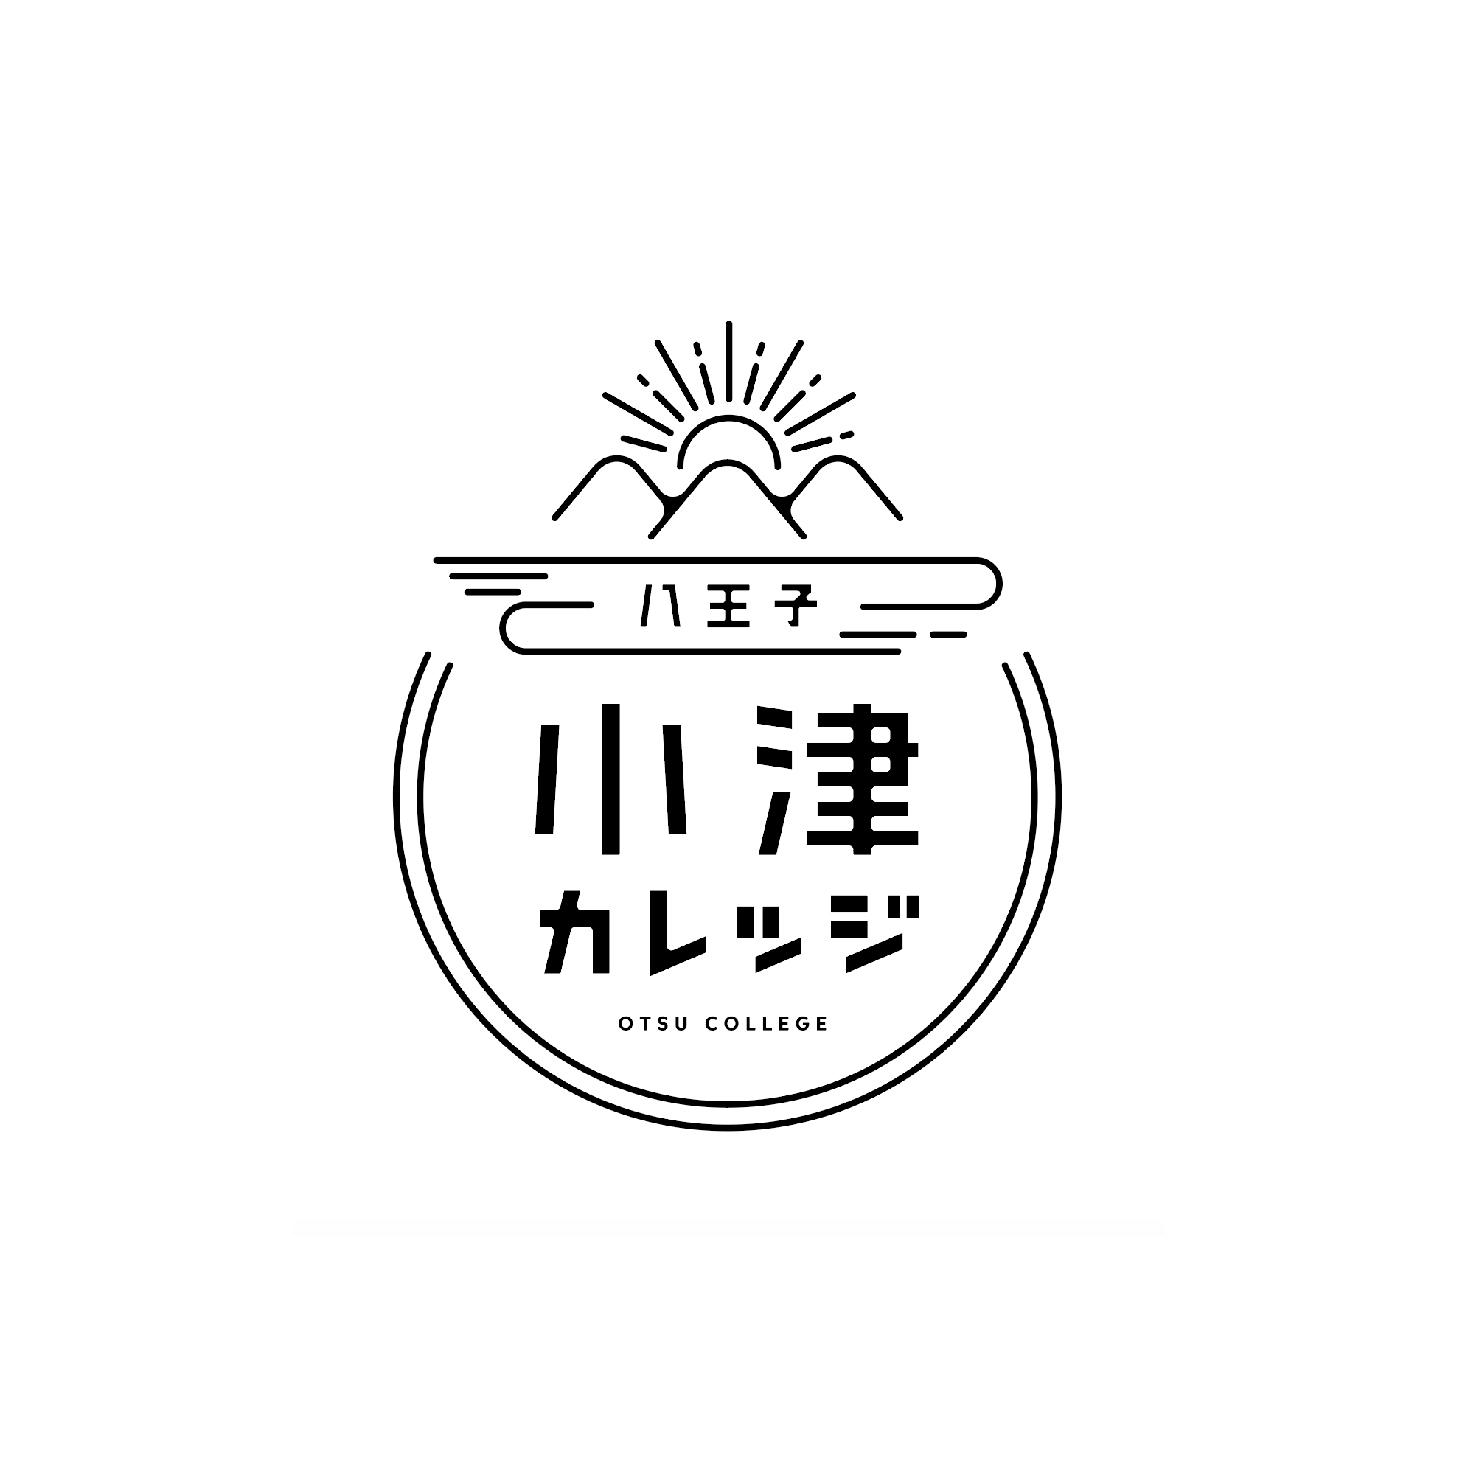 otsu college / logo